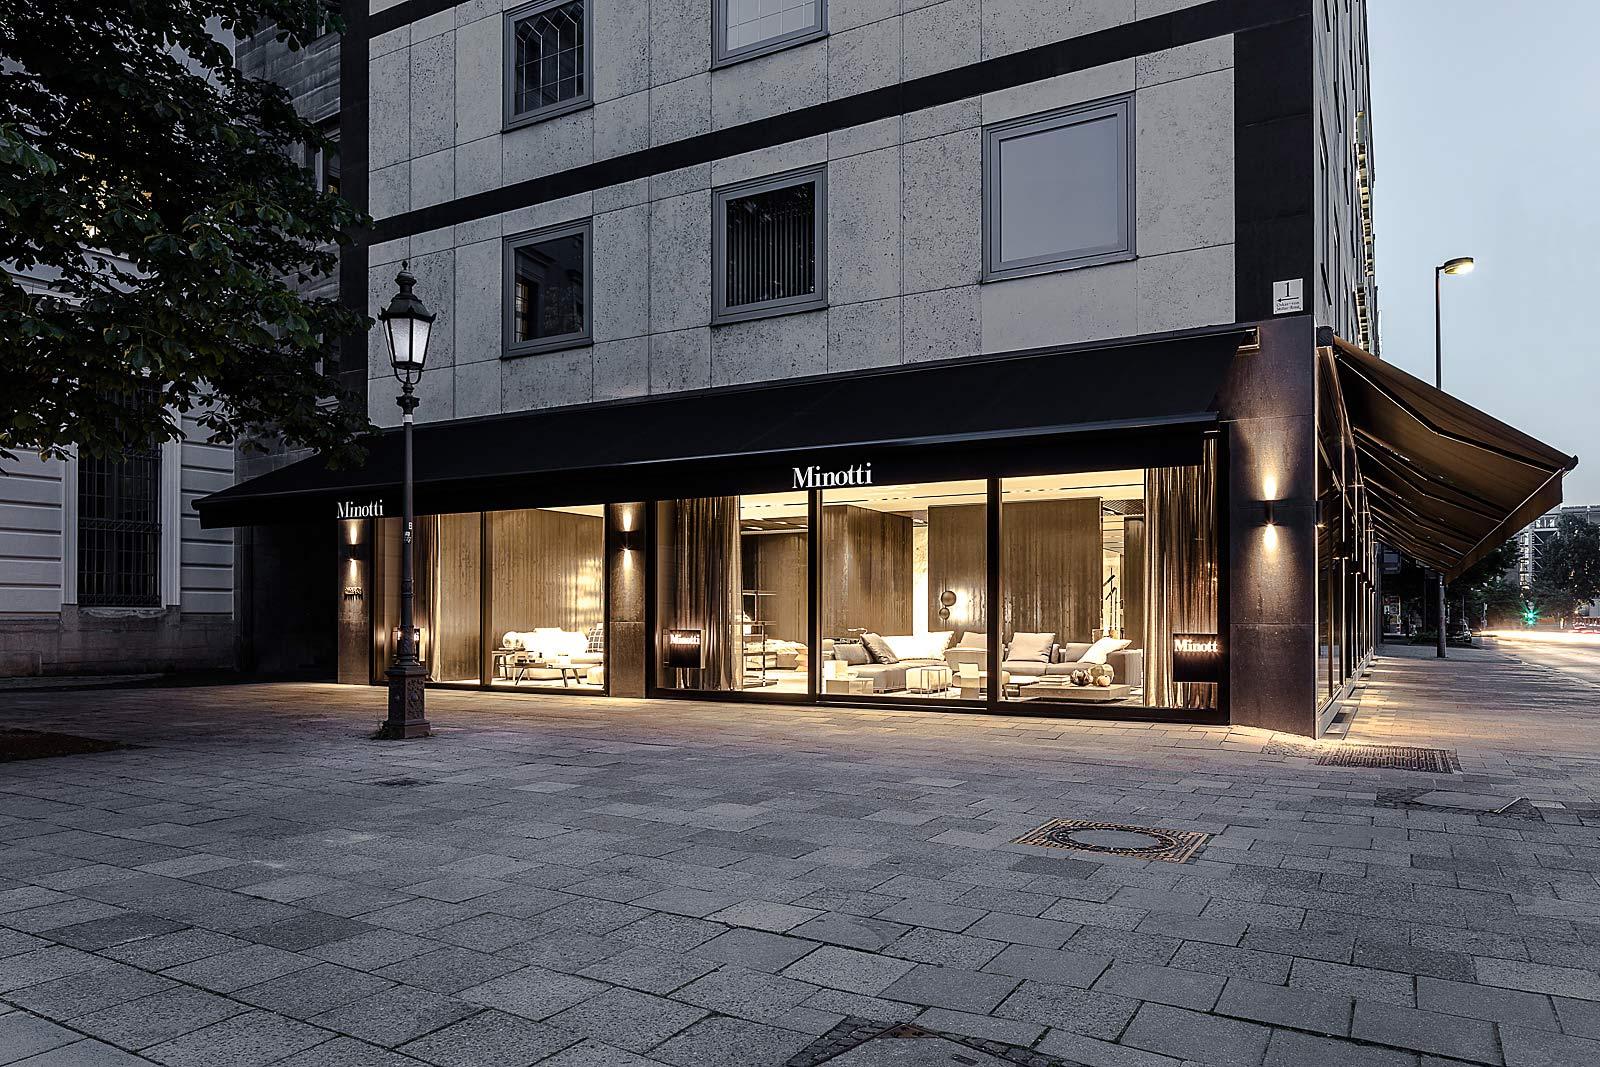 Flagship Store von Minotti, Aussenansicht, Abendaufnahme, München Architektur Fotograf